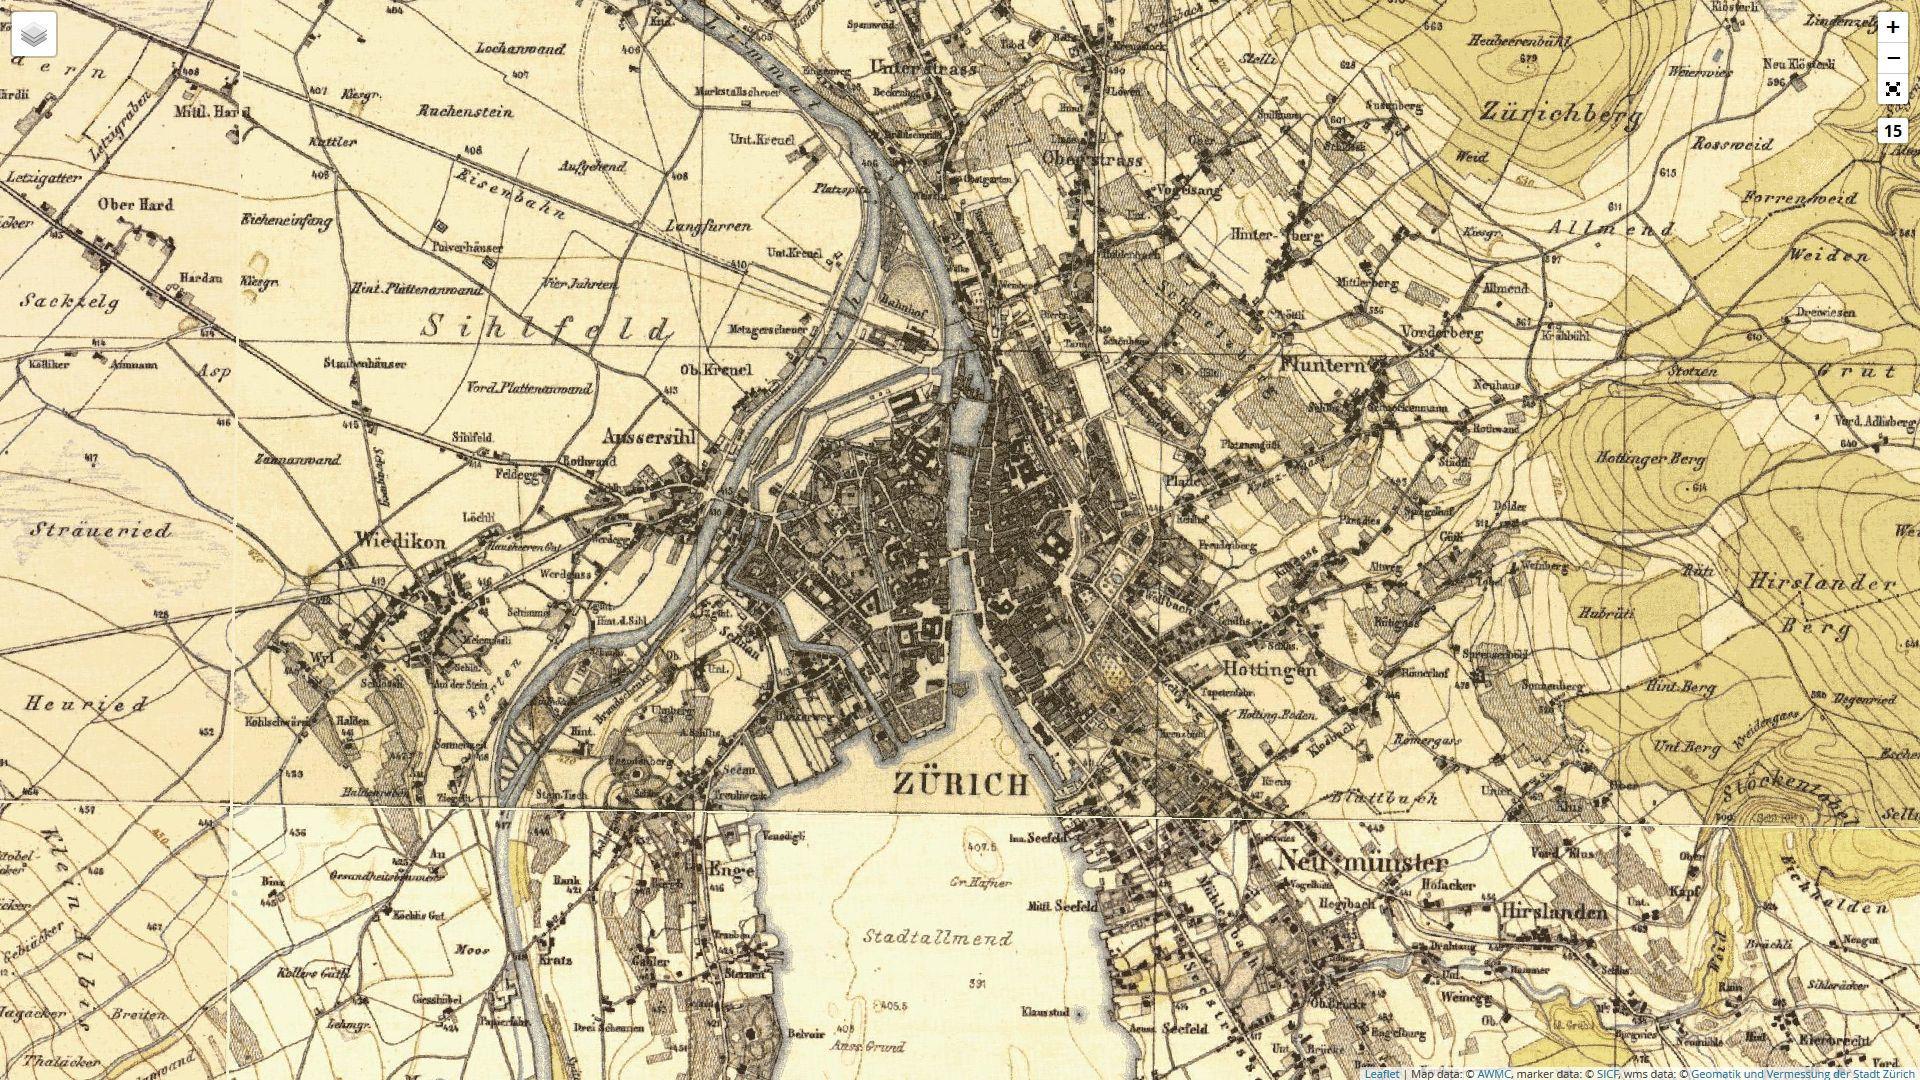 Zürich, historische Kantonskarte des Johannes Wild von 1843–1850